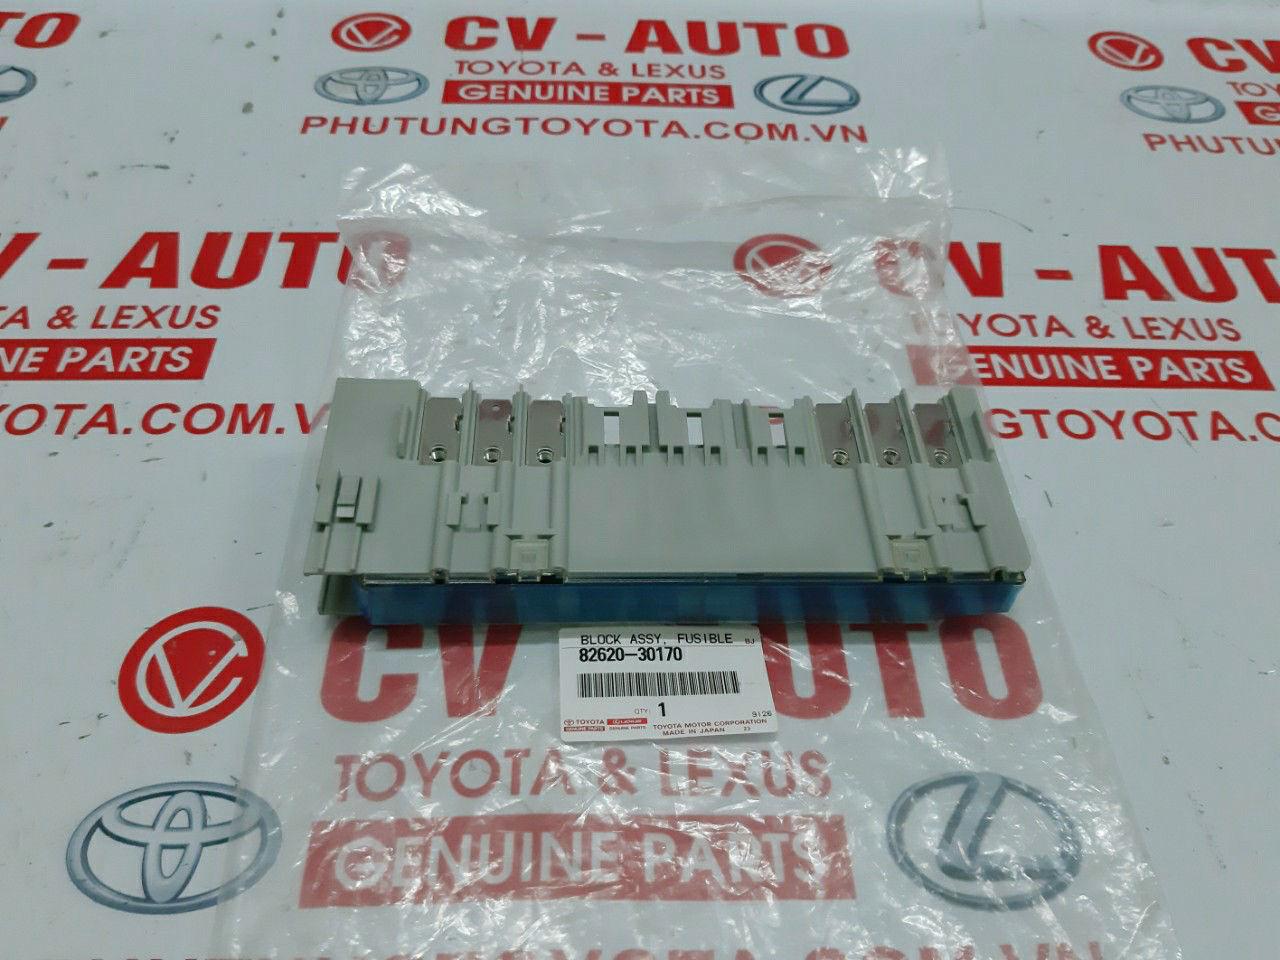 Picture of 82620-30170 Hộp cầu chì động cơ Lexus GSIS hàng chính hãng